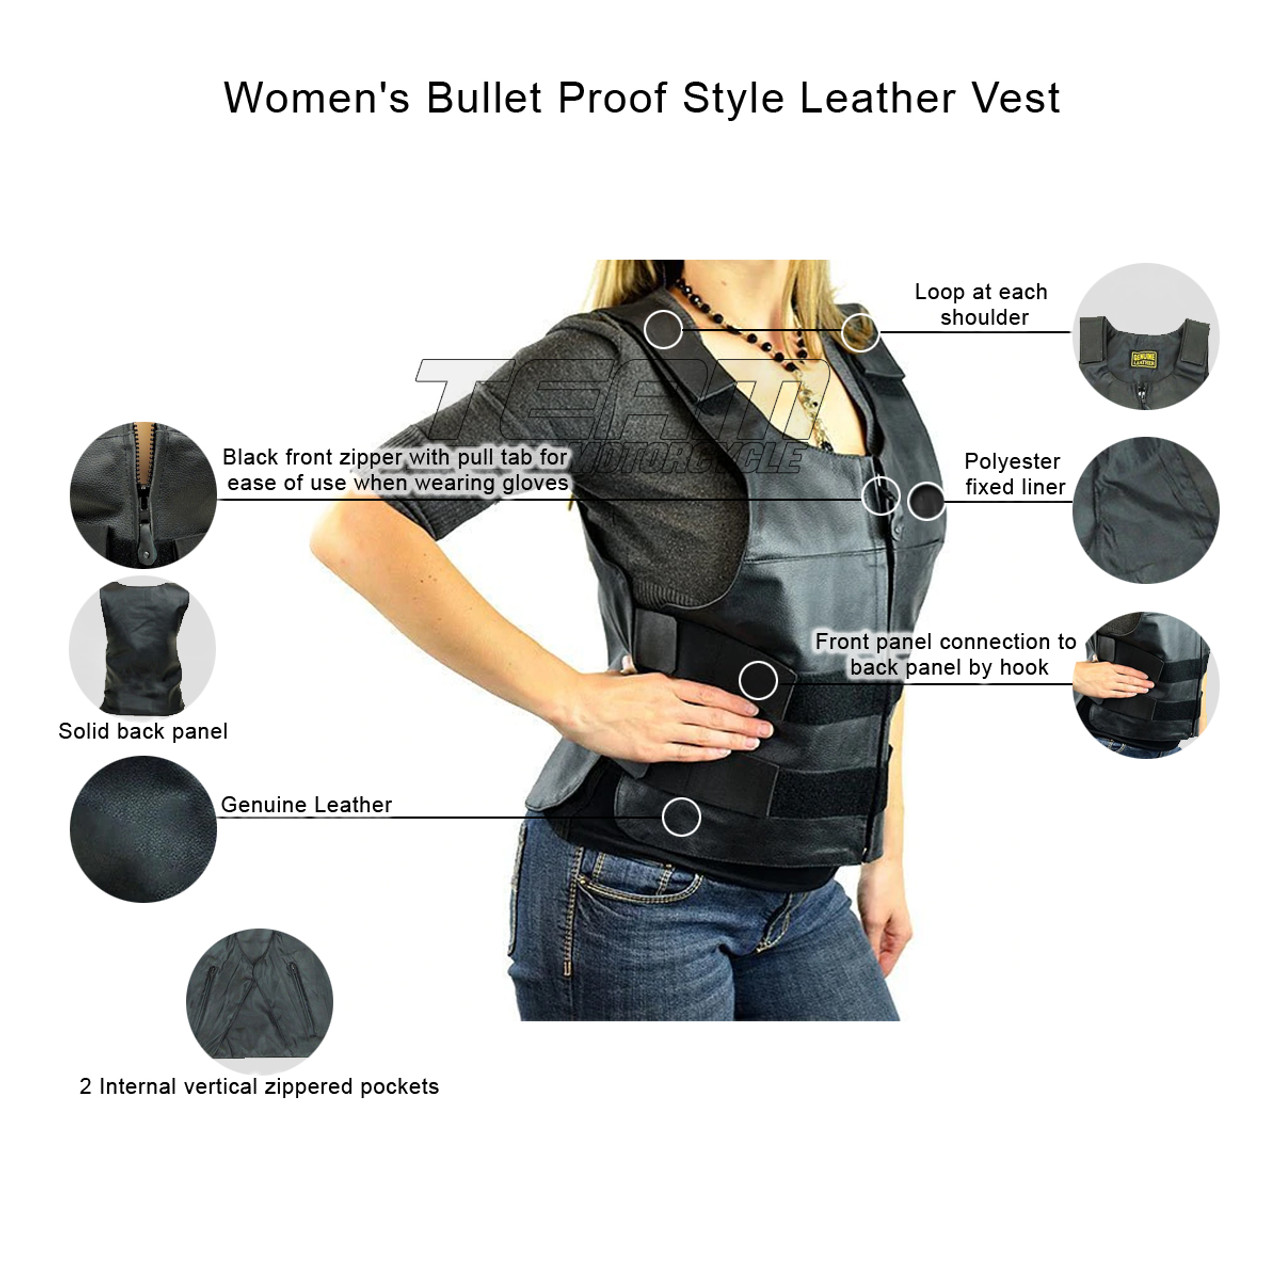 Les femmes Bullet Proof Style Moto Veste en véritable Buffalo en cuir pour motard clubs